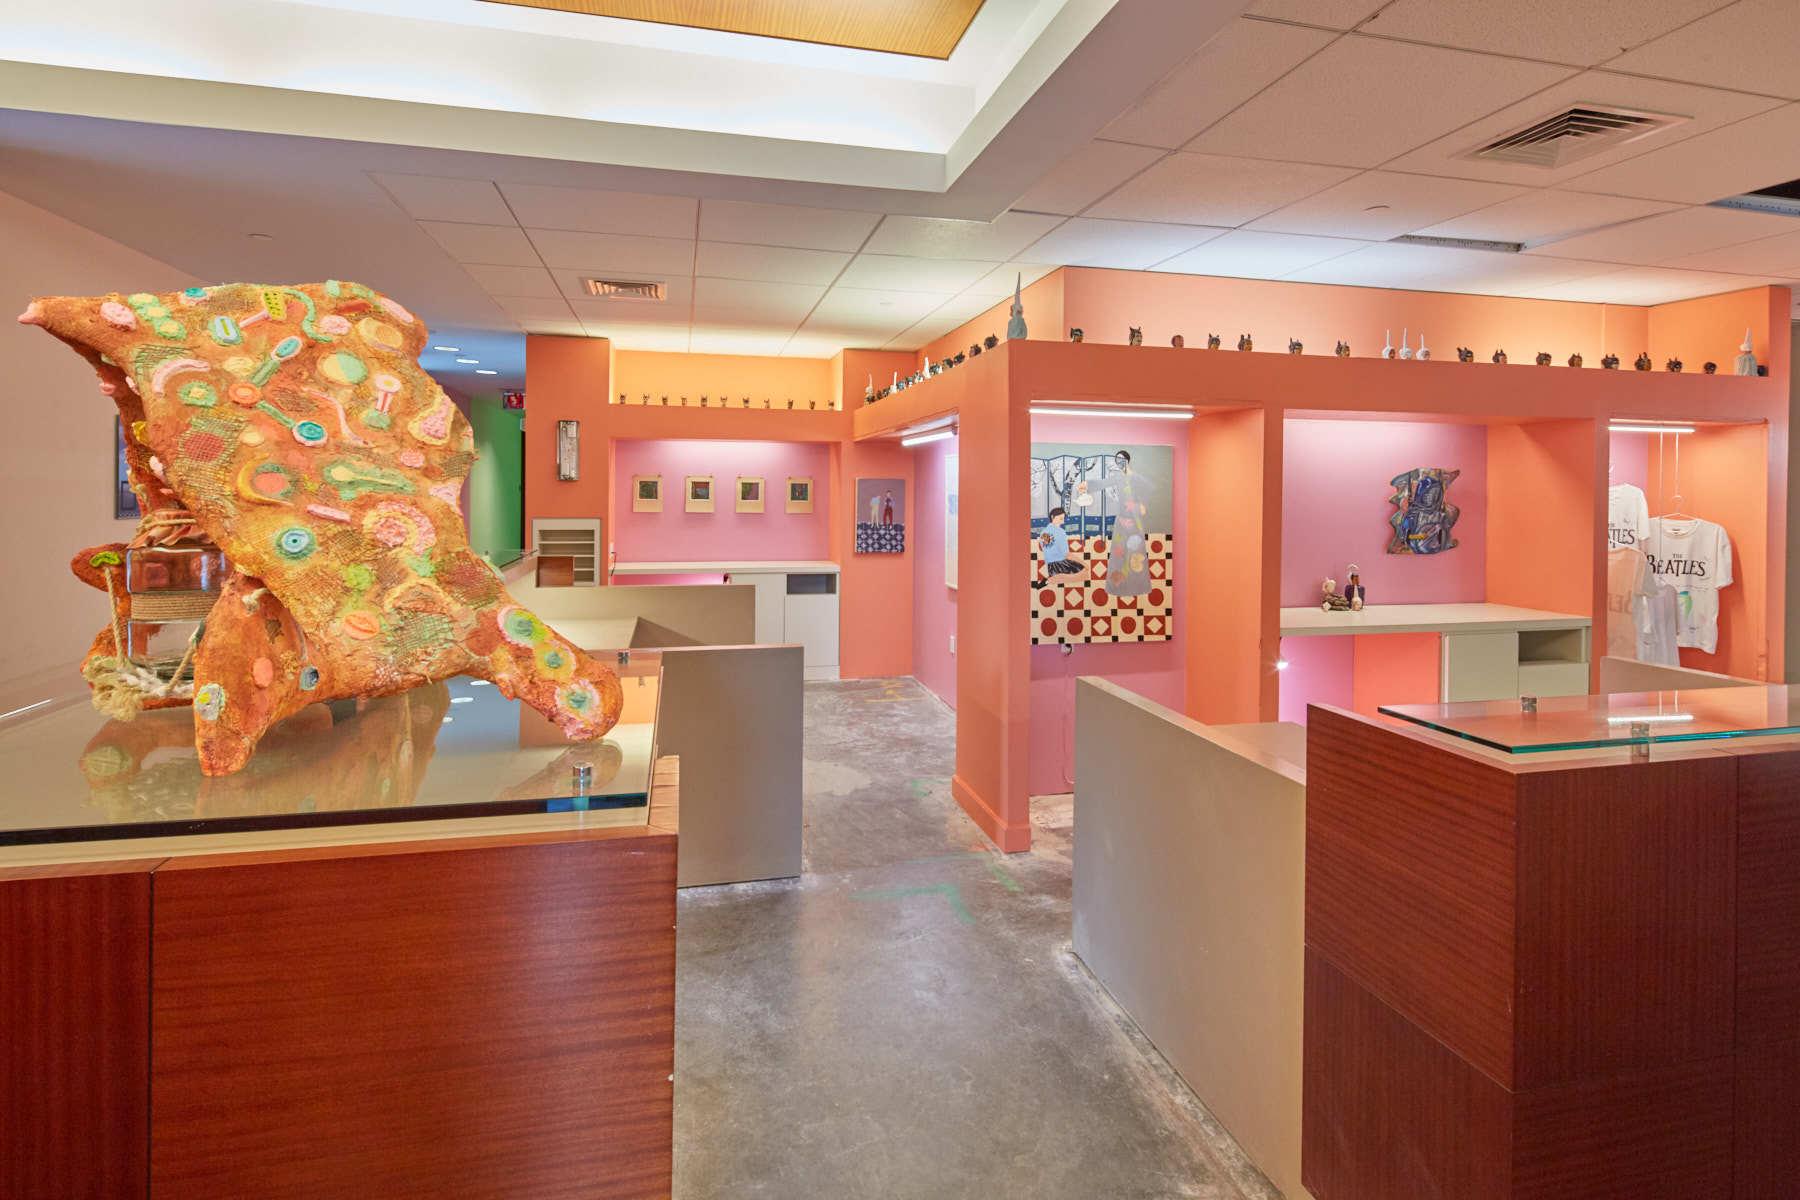 Gallery Visit Spring Break Art Show The Focus Locate Arts